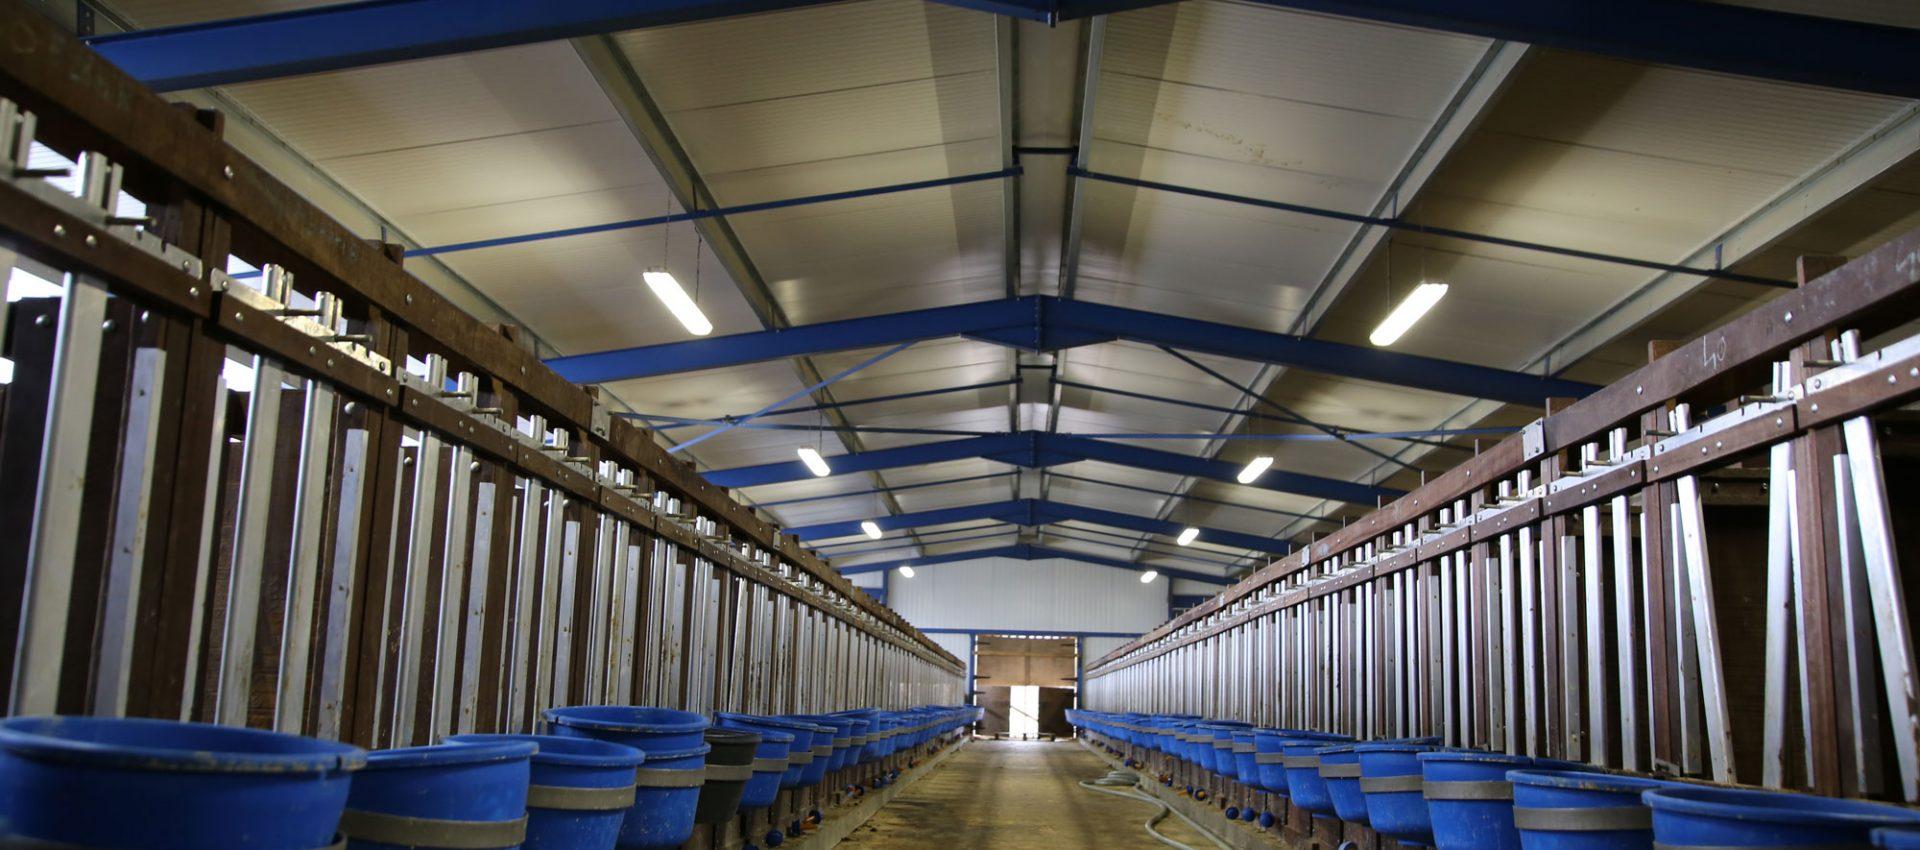 Filière authentique de veaux en Limousin